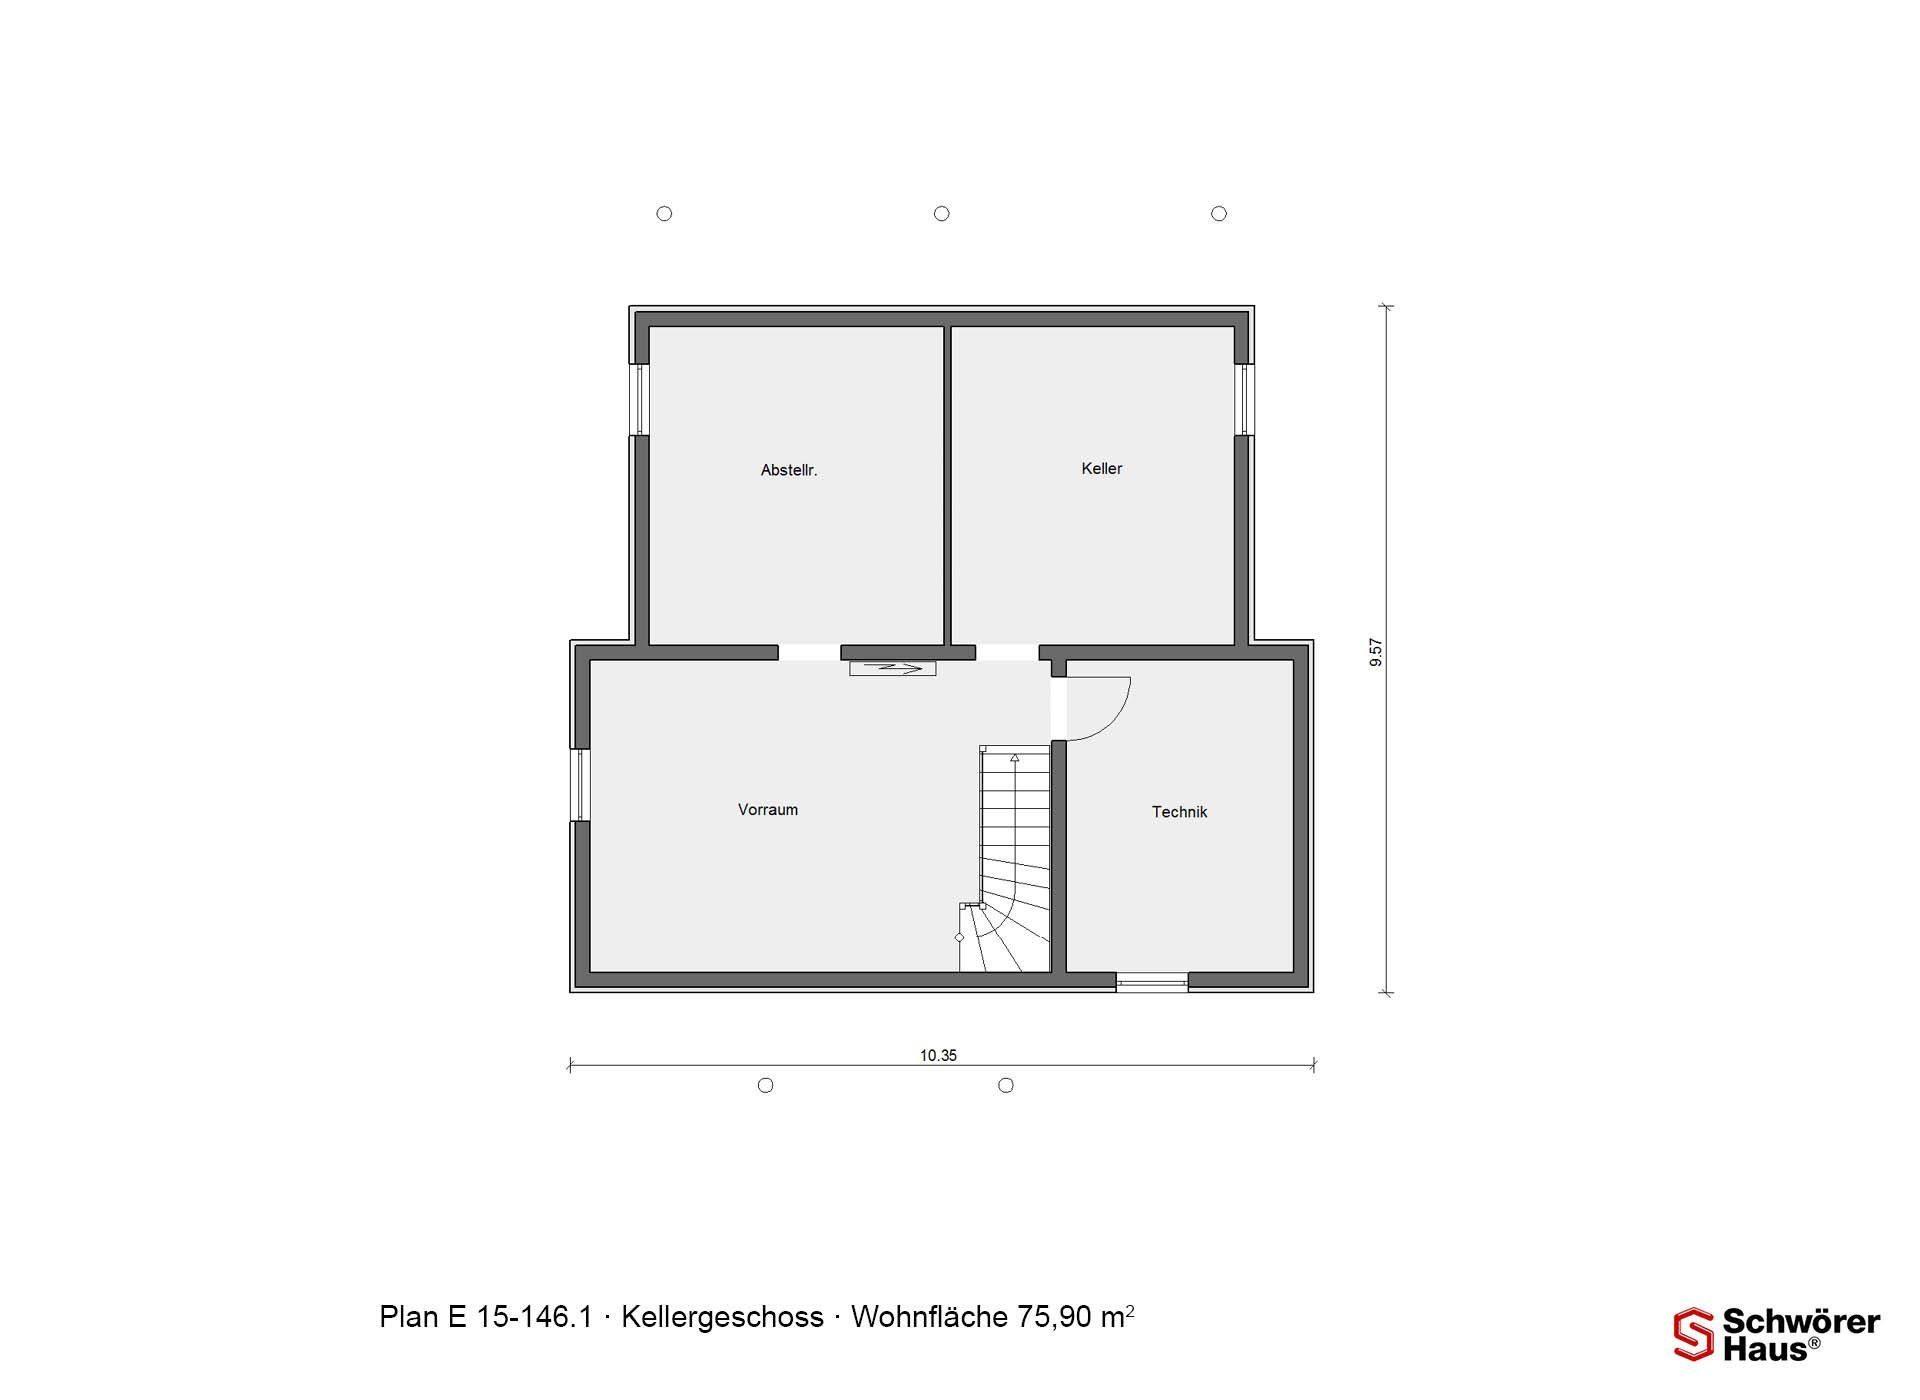 Plan E 15-146.1 - Eine Nahaufnahme einer Uhr - Design